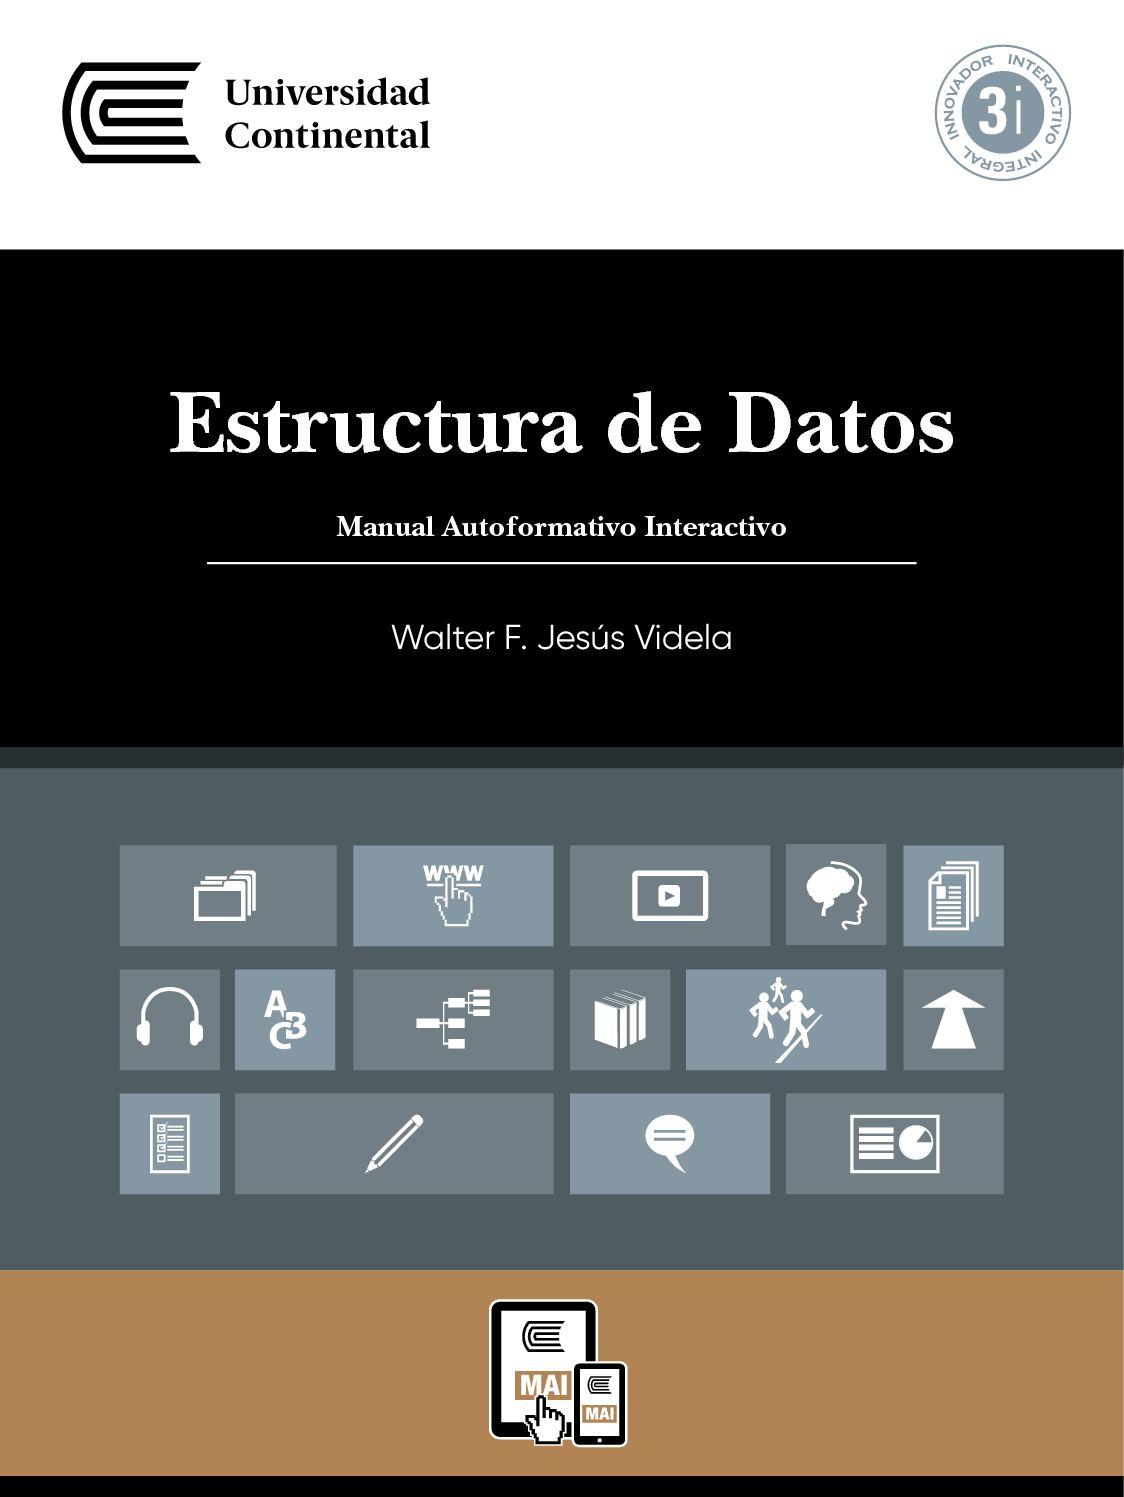 Uc0316 Mai Estructura De Datos Ed1 V1 2017